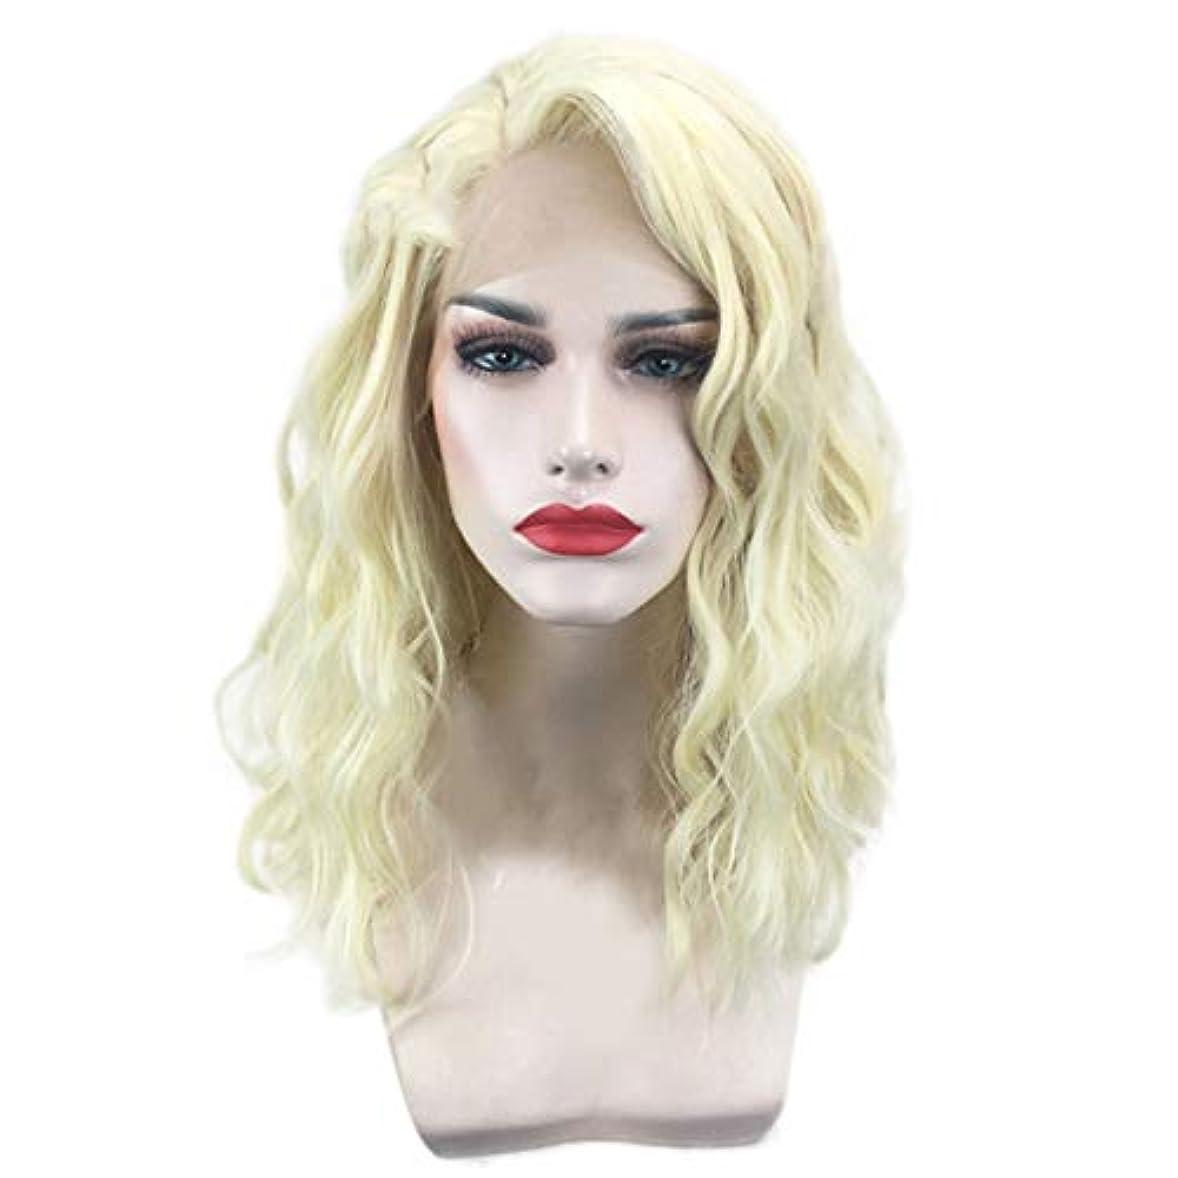 不正確クレタ散歩女性のための短い巻き毛のかつらゴールドウェーブヘアかつら自然に見える耐熱合成ファッションかつらコスプレ気質